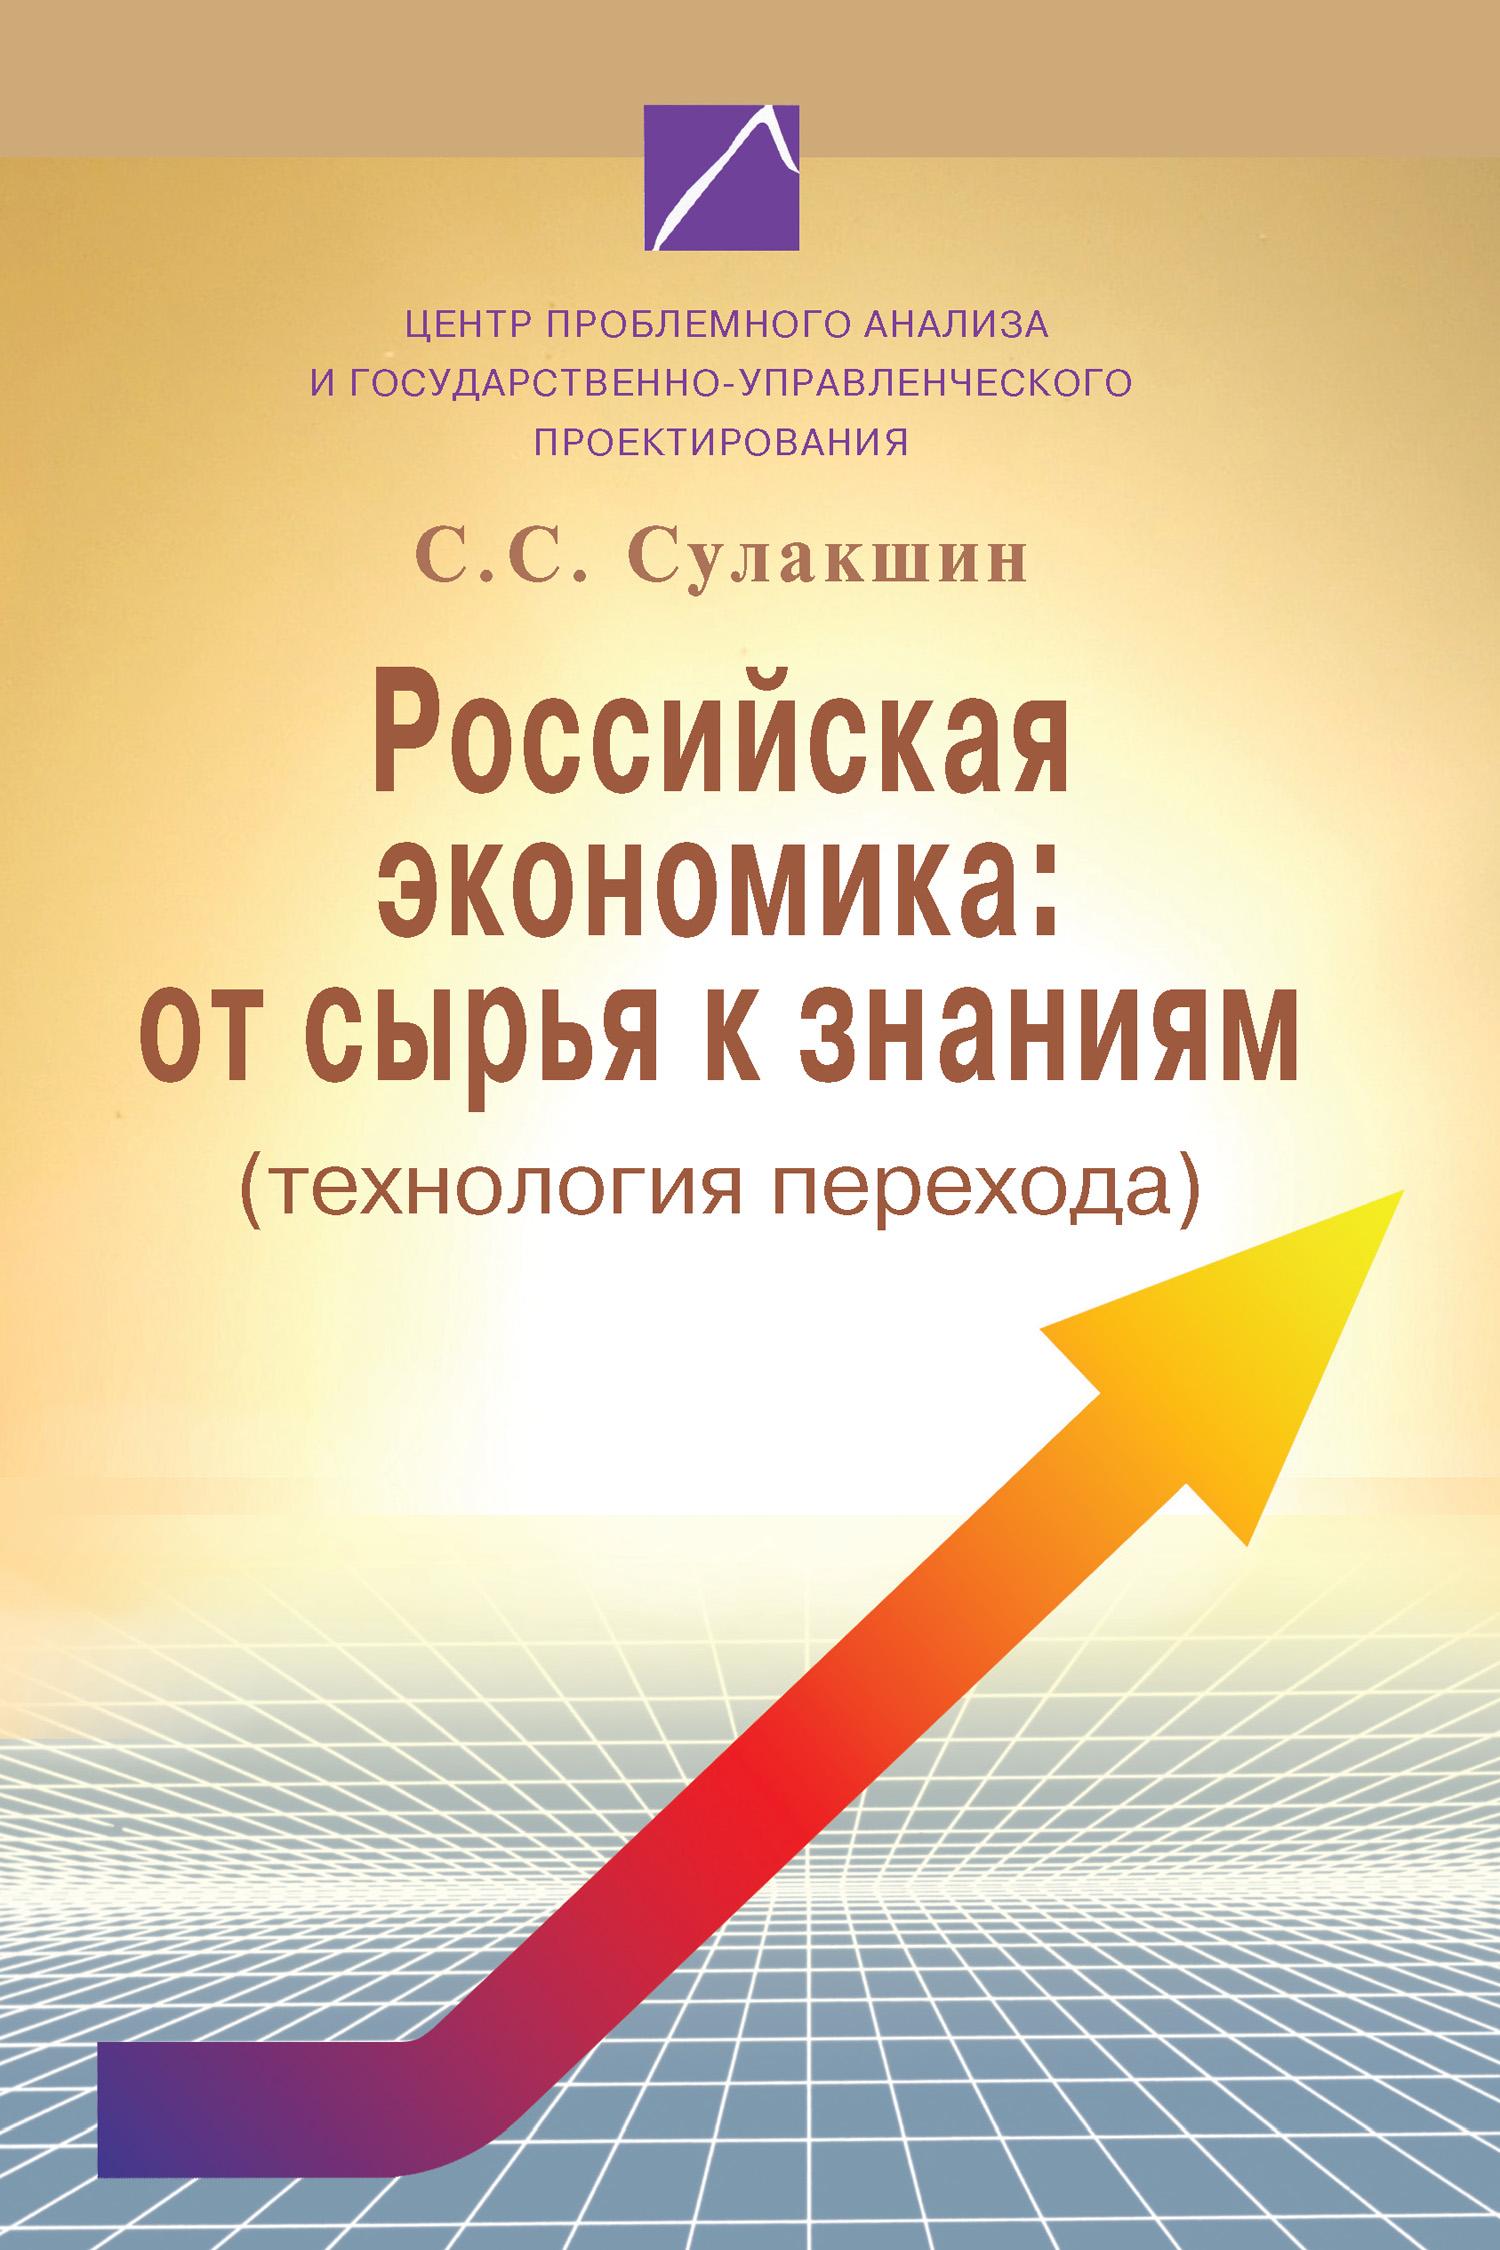 С. С. Сулакшин Российская экономика: от сырья к знаниям (технология перехода)